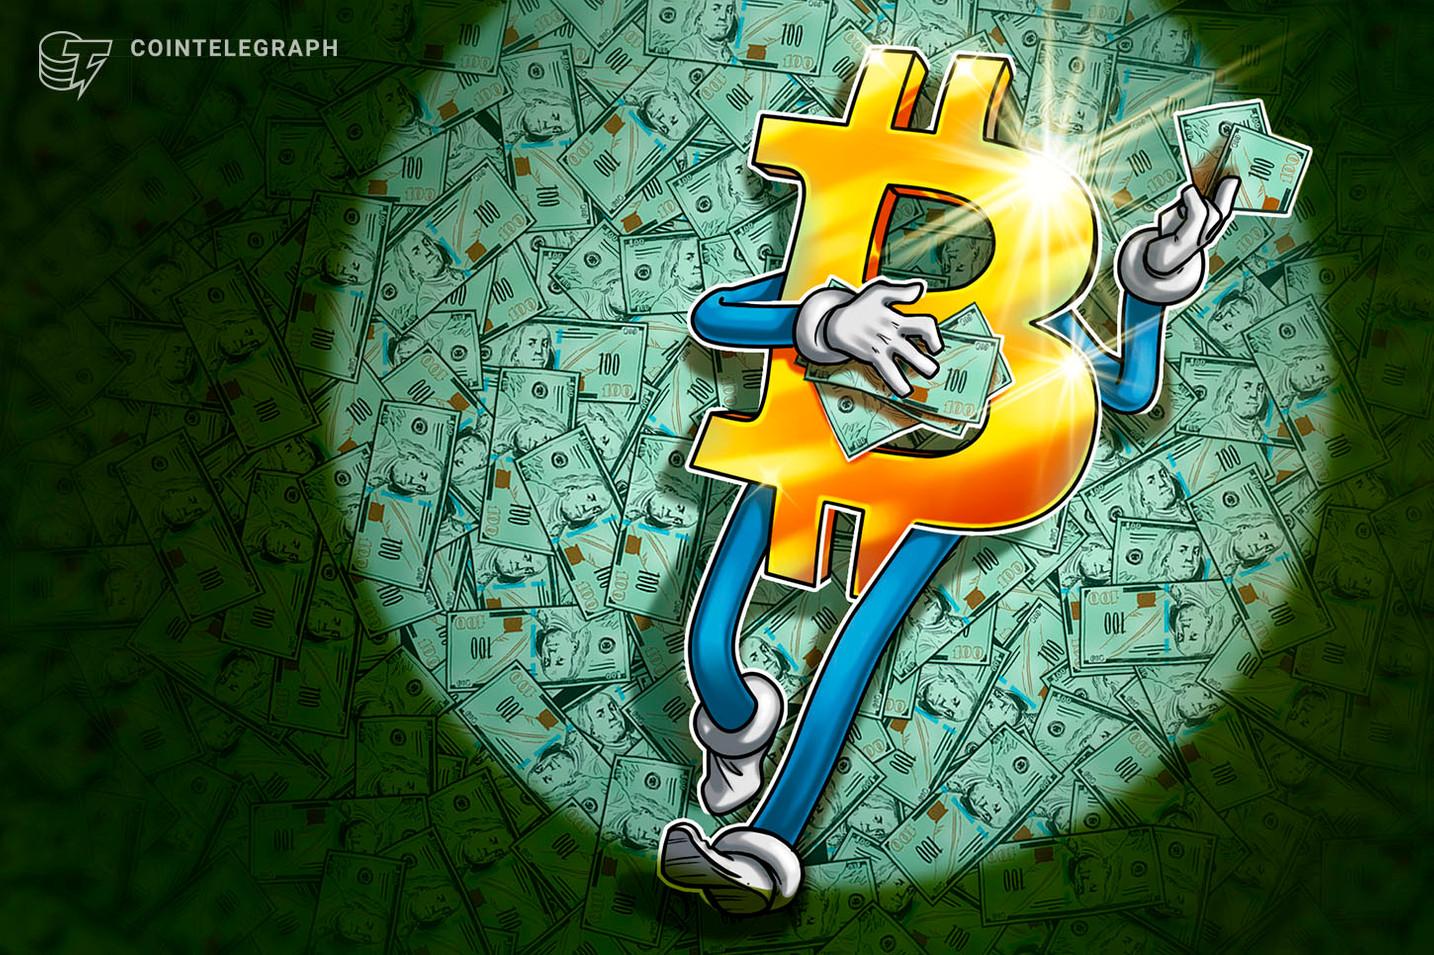 Les taureaux Bitcoin défendent l'ouverture annuelle après le rebond du prix BTC de 5.5% à partir de 29 XNUMX $